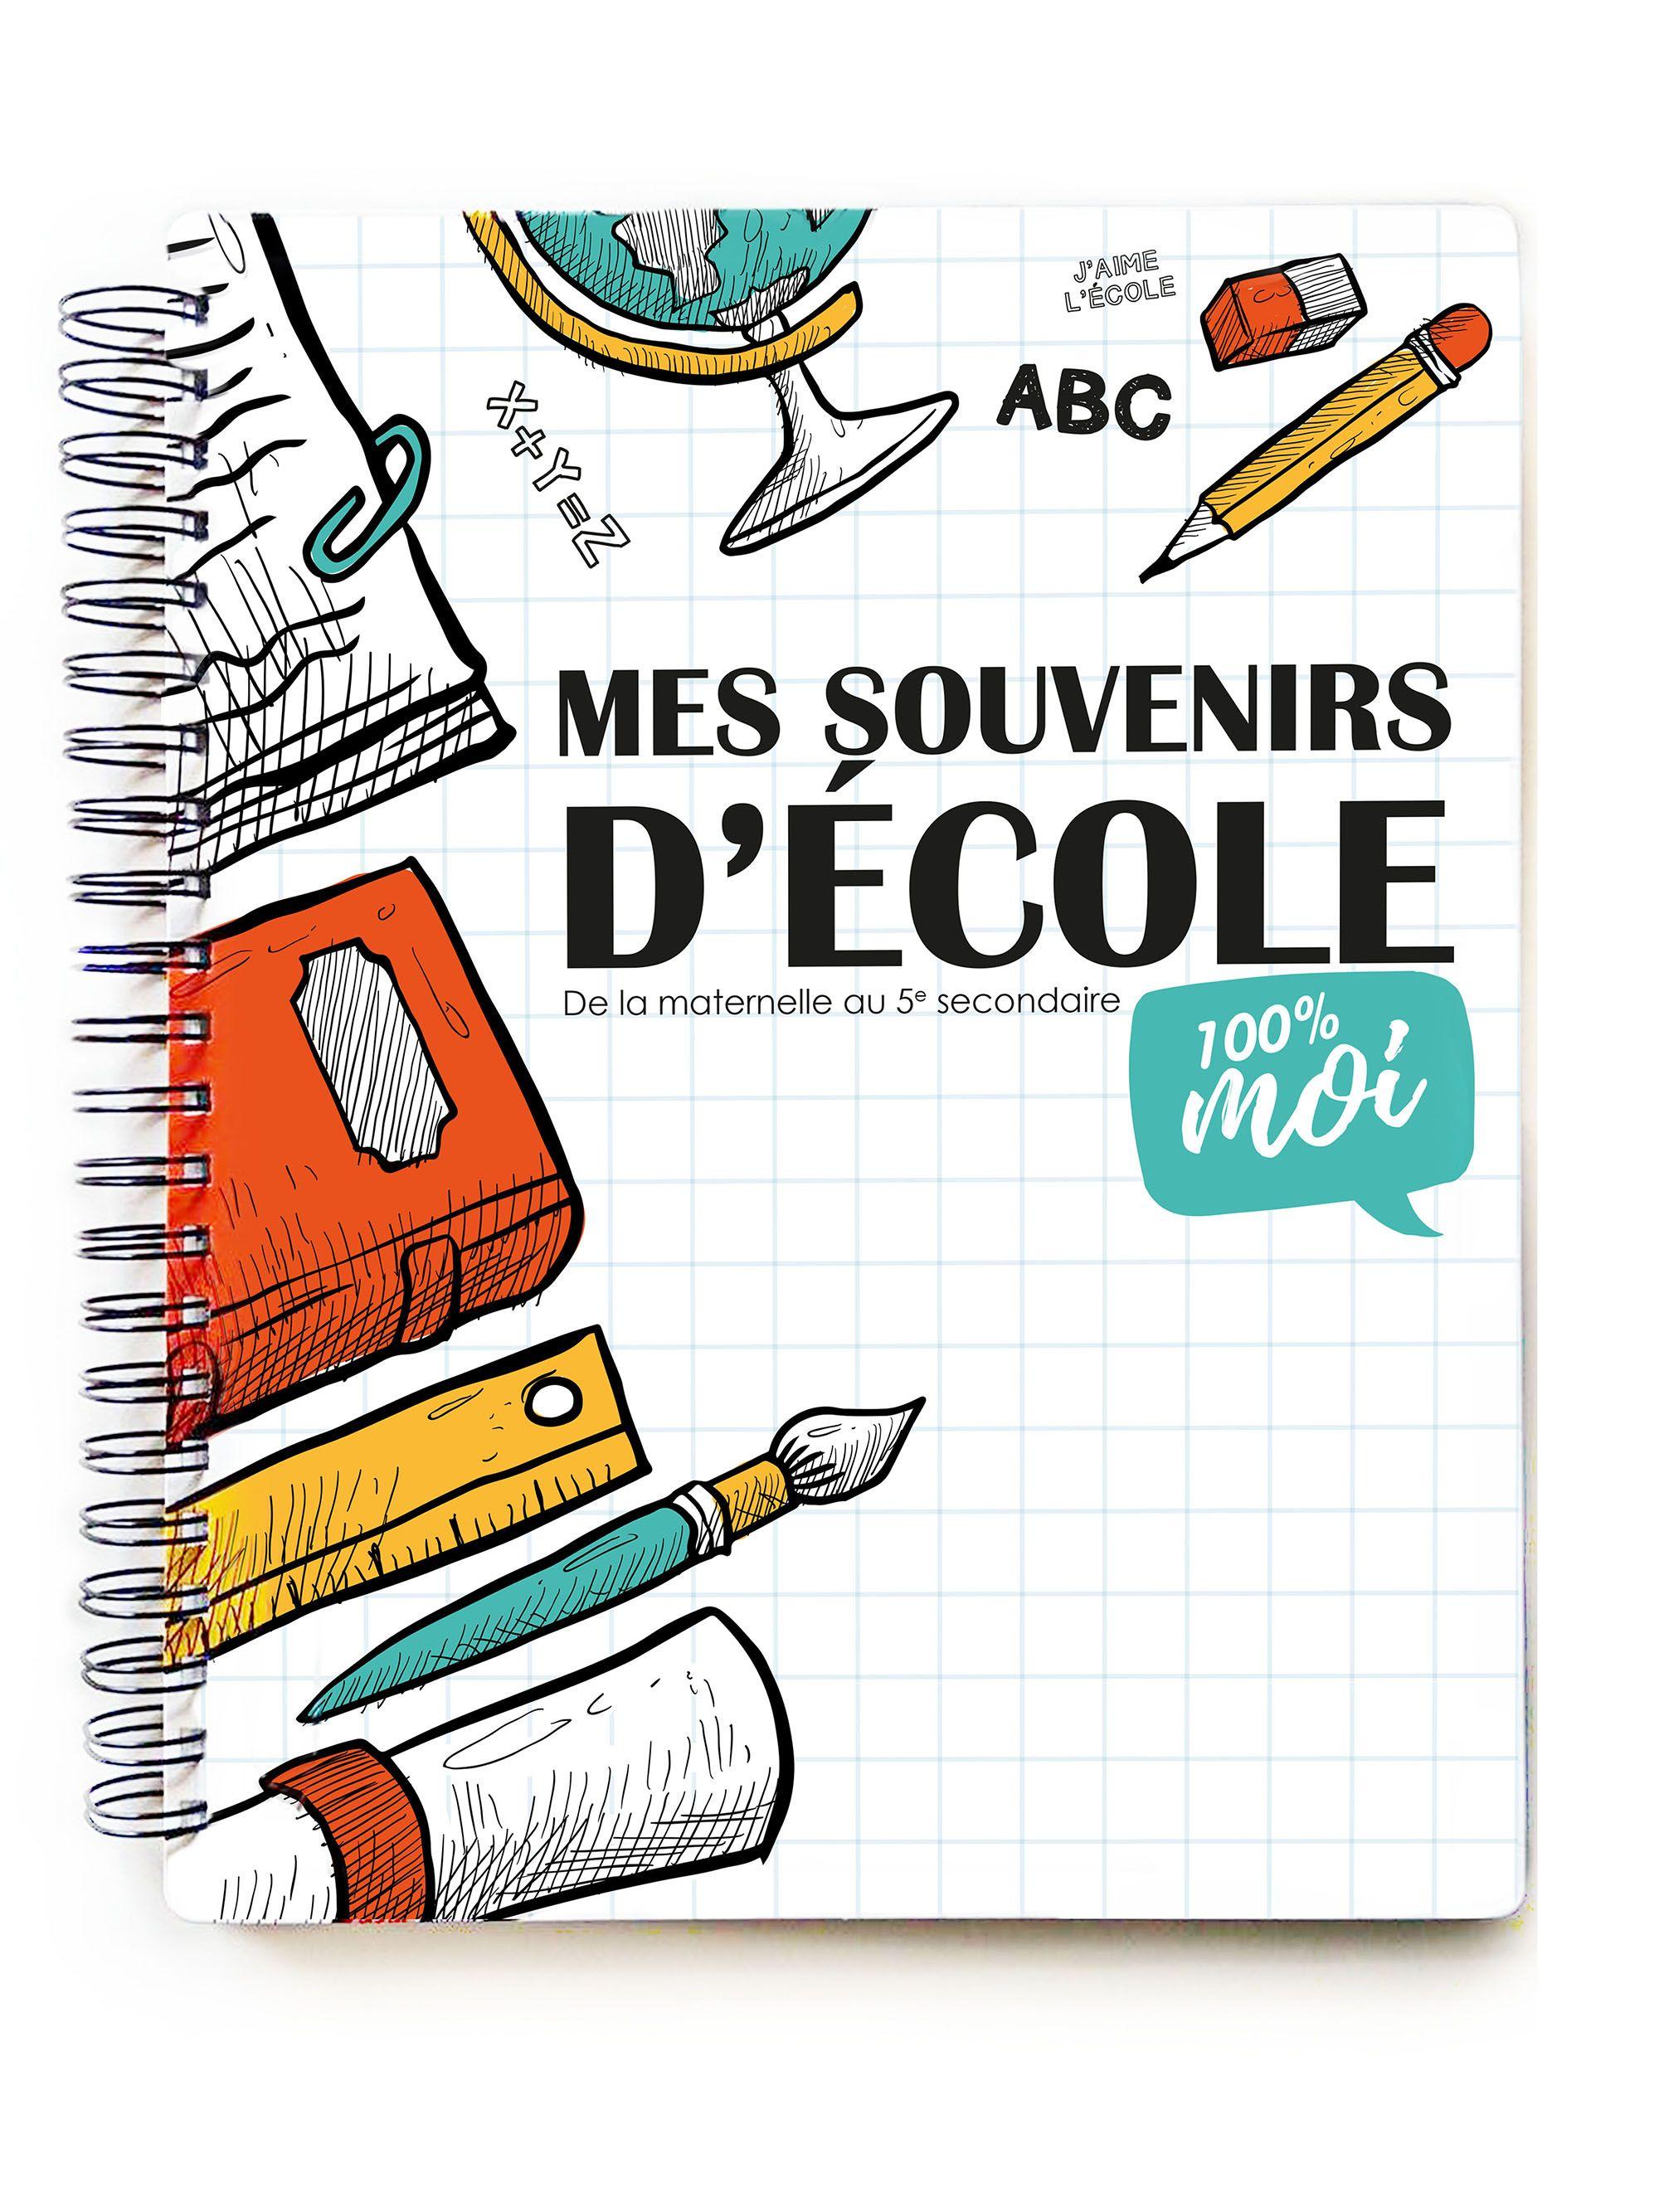 MES SOUVENIRS D'ÉCOLE - POMANGOAdapté au système scolaire Québécois, le cahier contient des  sections de la maternelle au 5  e secondaire, rempli de questions et  de pochettes pour conserver les souven...